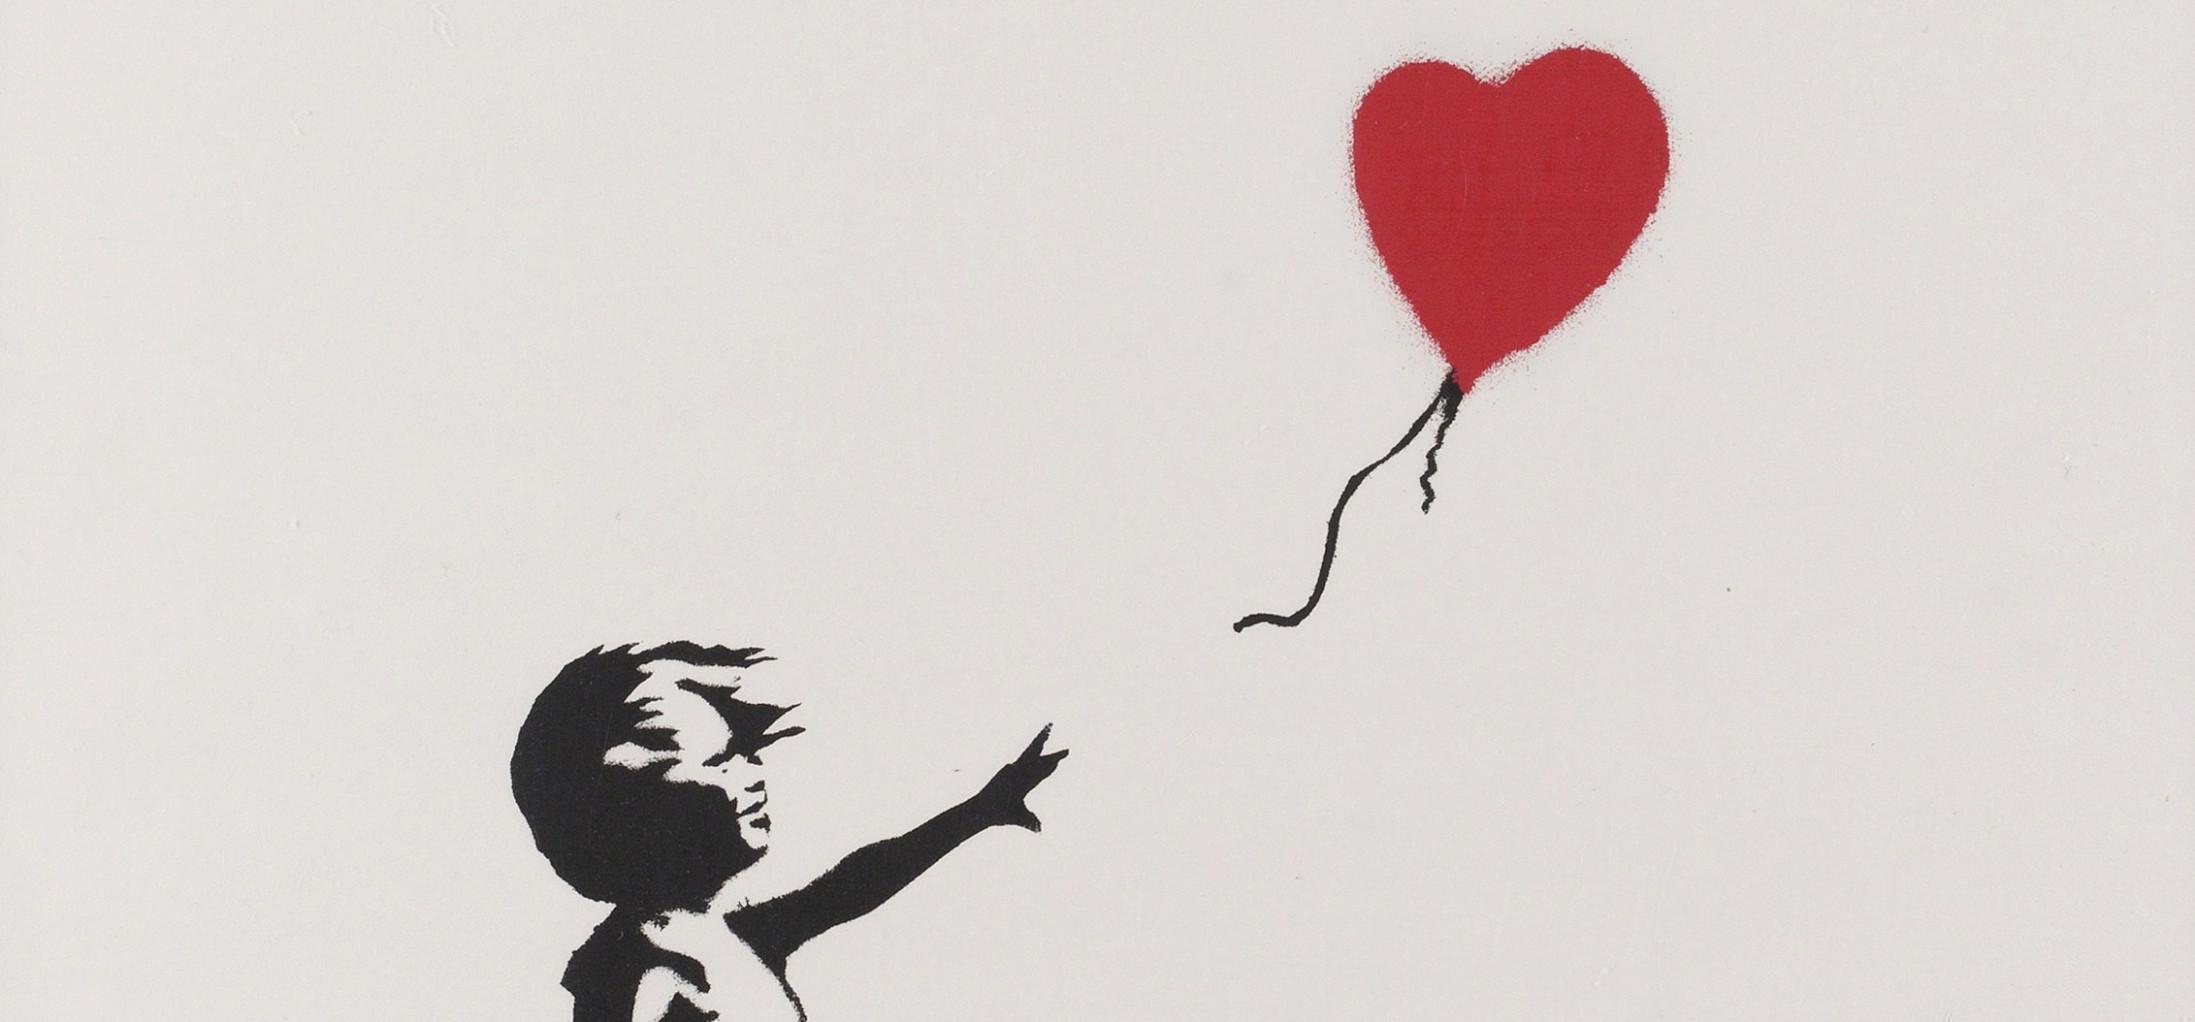 Το «Κορίτσι με το Μπαλόνι» του Banksy έγινε κομματάκια